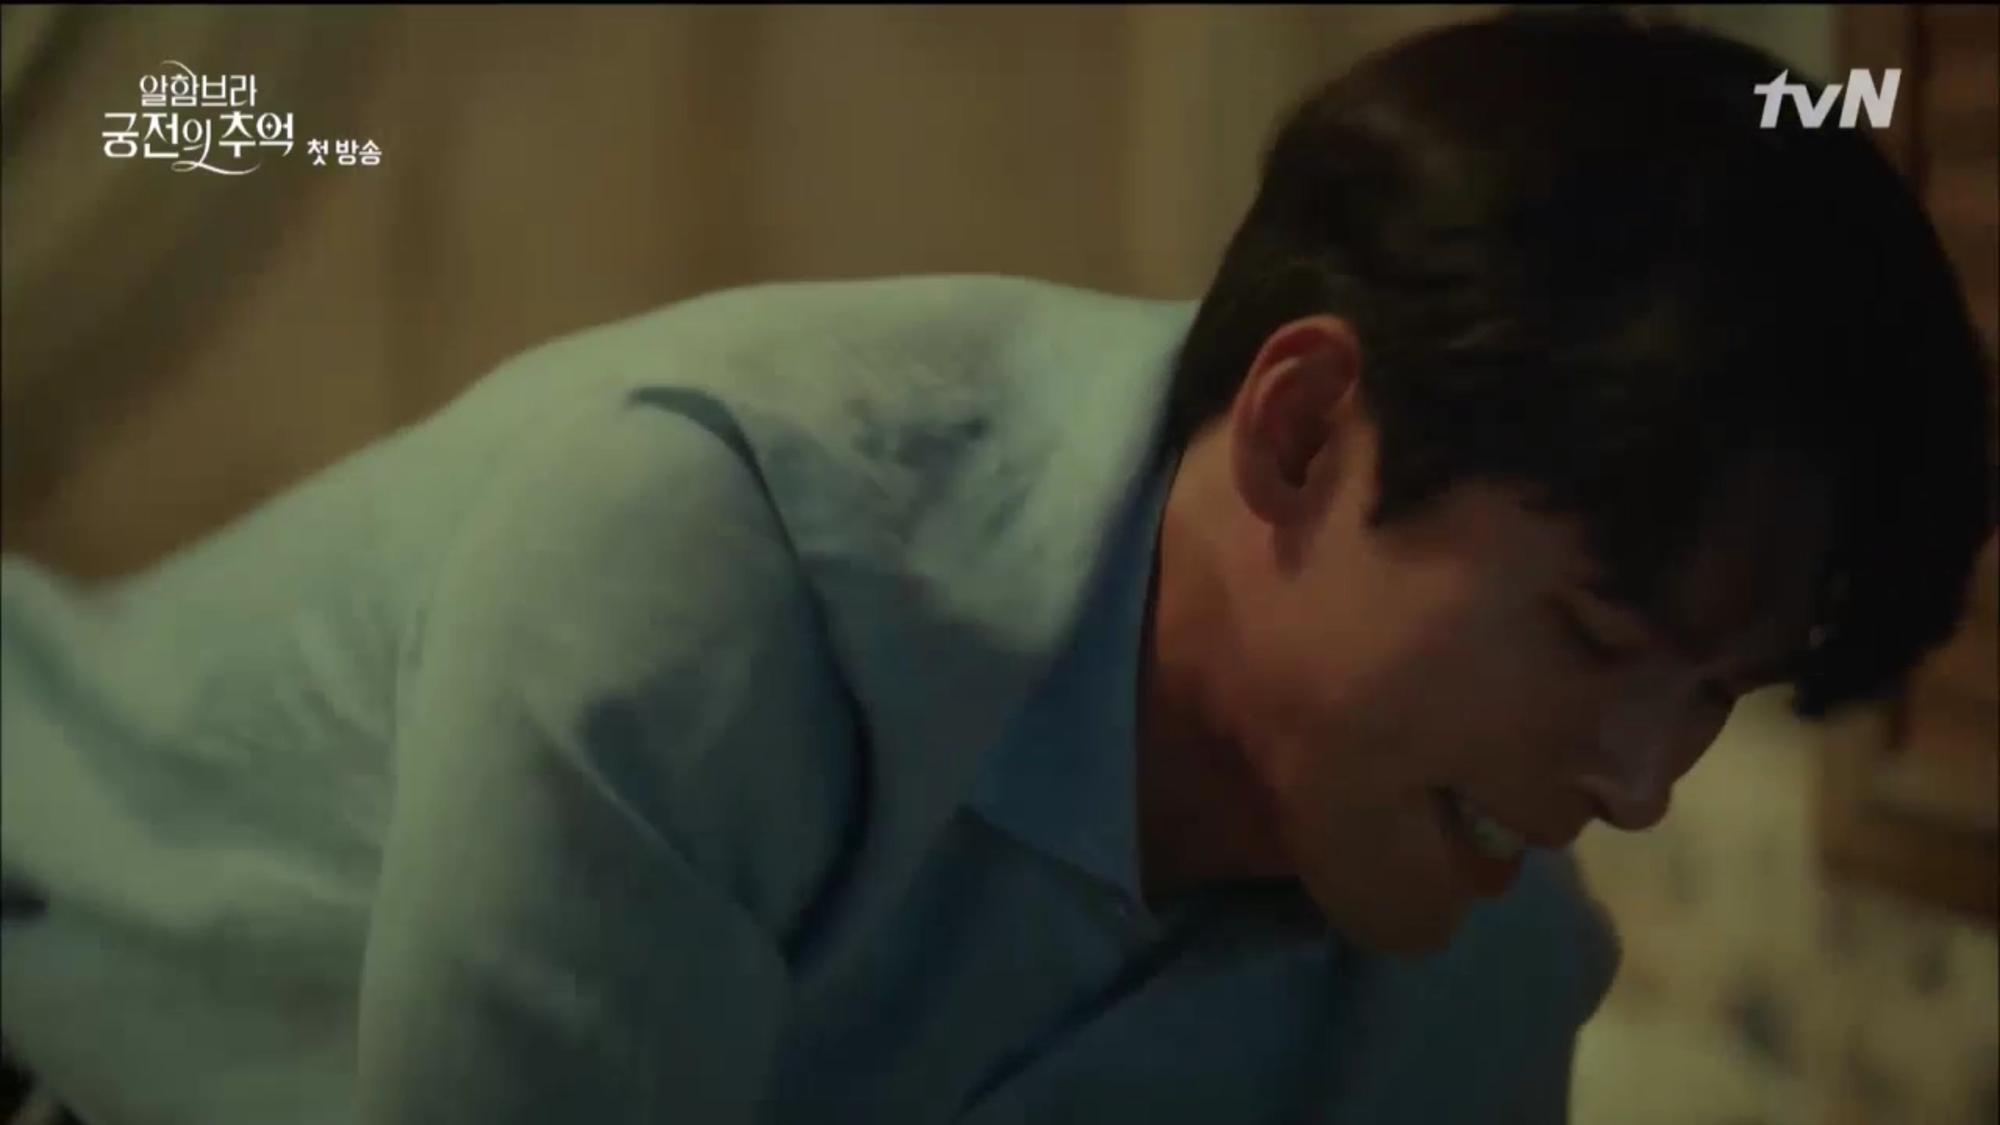 """Mới tập đầu """"Memories of the Alhambra"""", Hyun Bin đã bị Park Shin Hye """"hành"""" cho lên bờ xuống ruộng - Ảnh 10."""